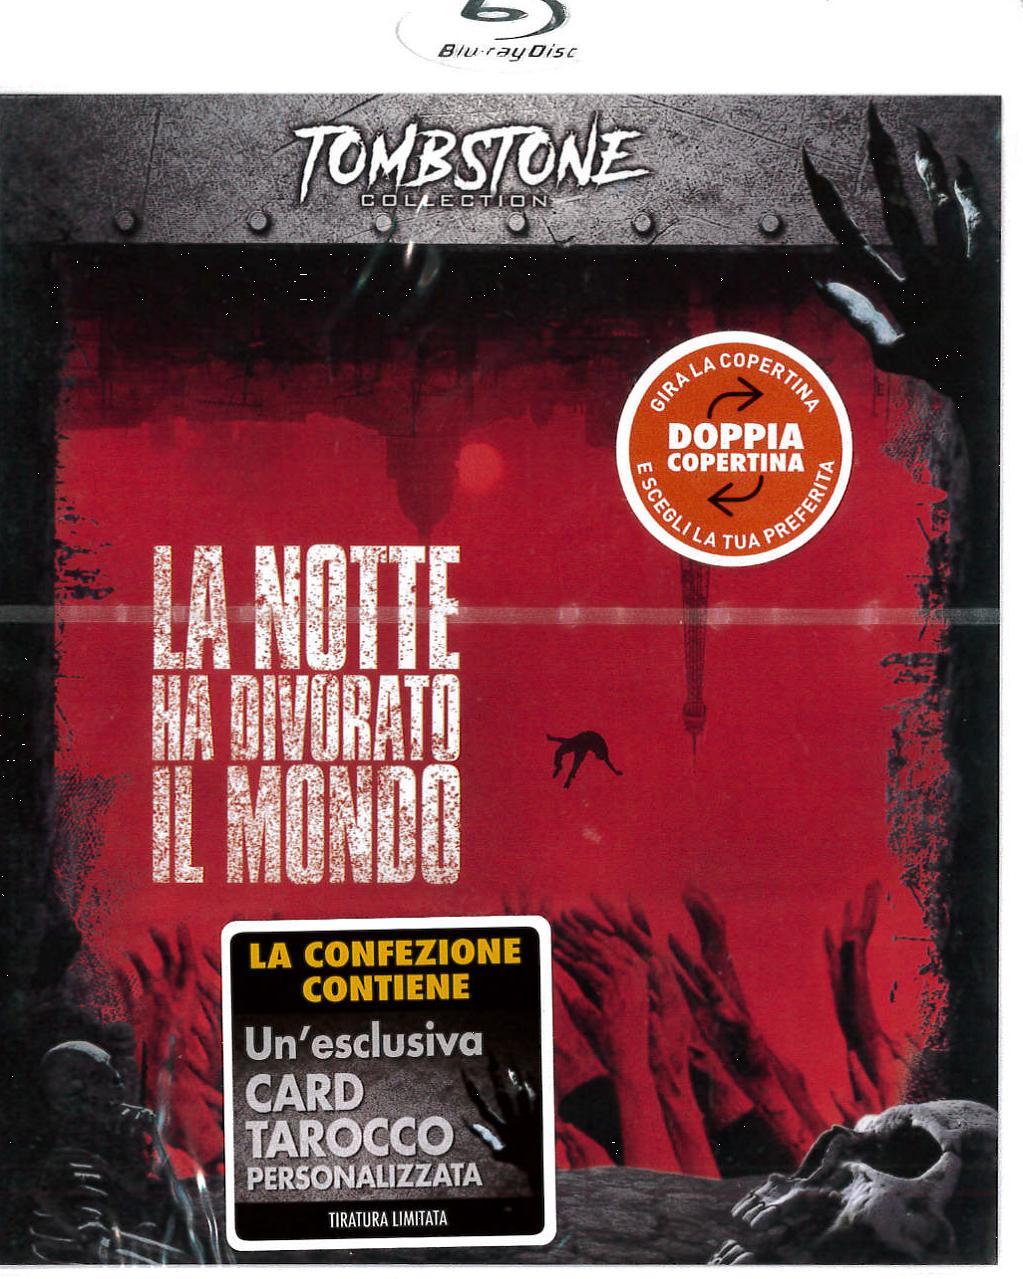 LA NOTTE HA DIVORATO IL MONDO (TOMBSTONE COLLECTION) (DVD+CARD T